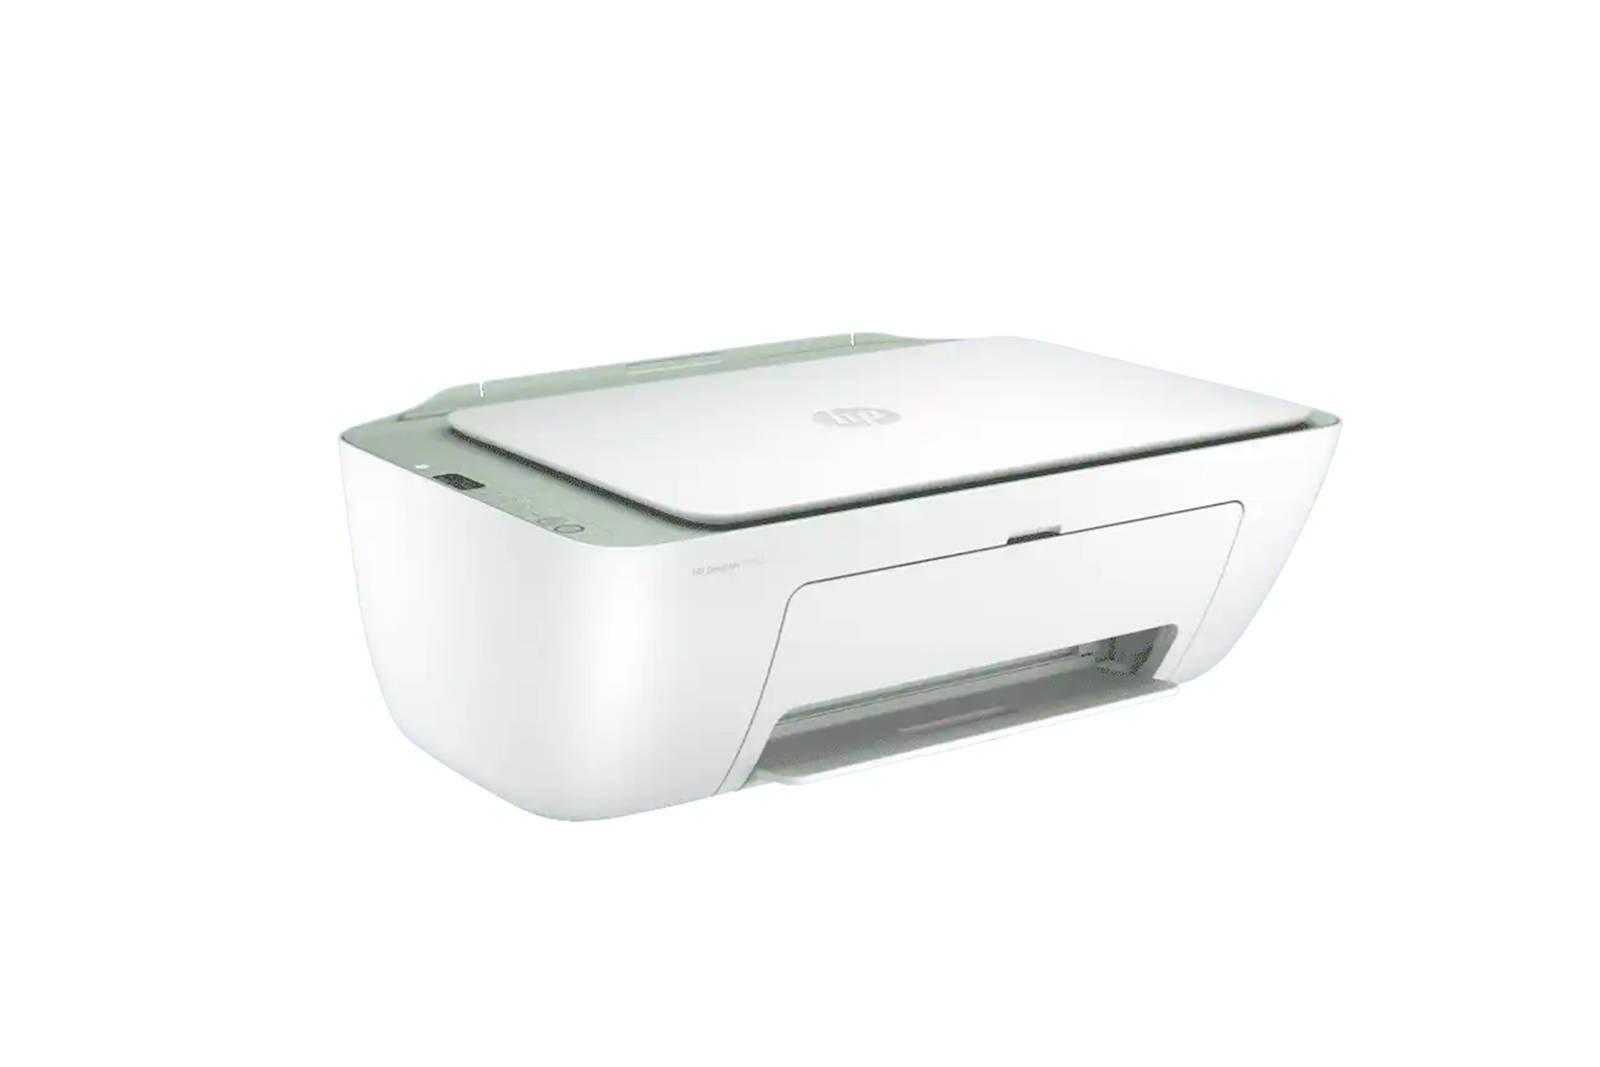 HP DeskJet 2722 All-in-One Printer (7FR53B)